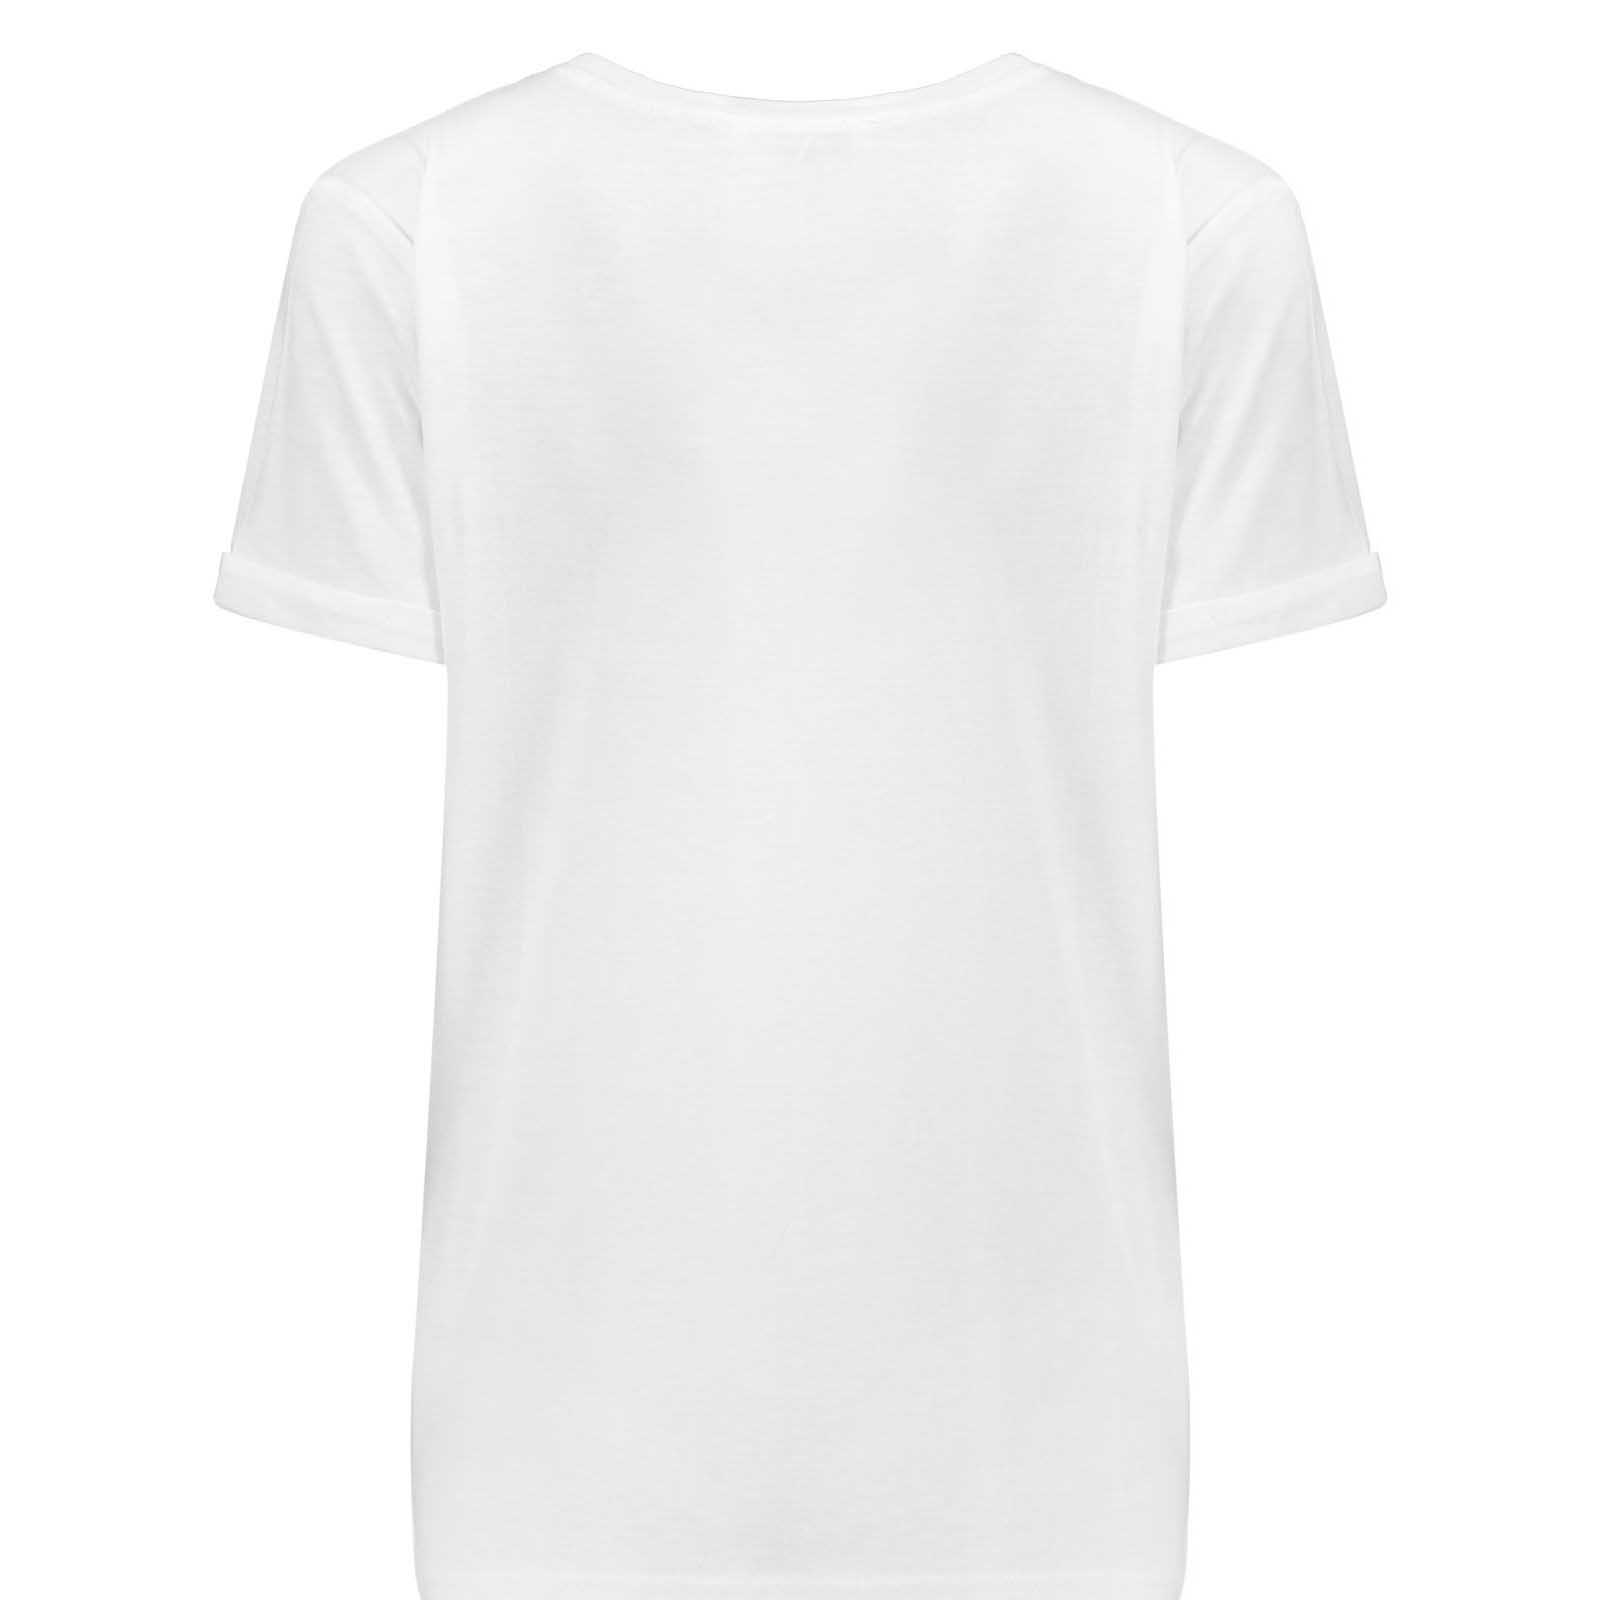 تیشرت آستین کوتاه مردانه مدل a32 رنگ سفید